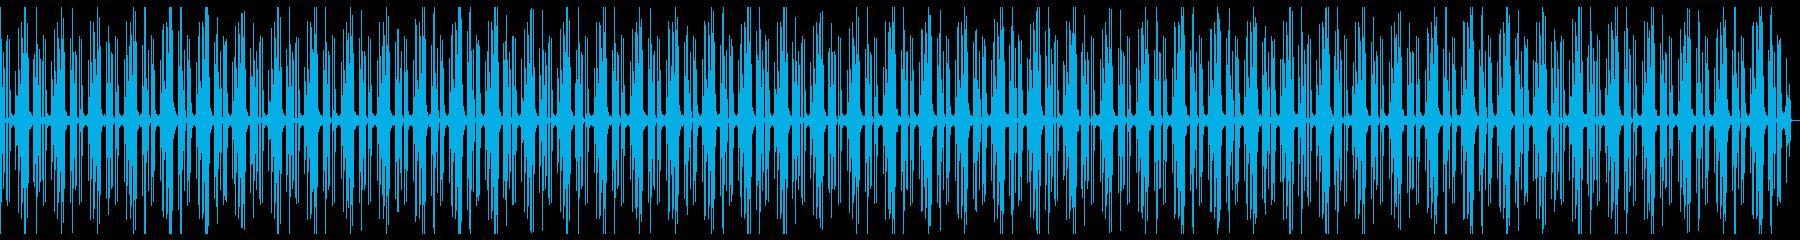 ミニマルライフ3_シンプル・CM・報道系の再生済みの波形